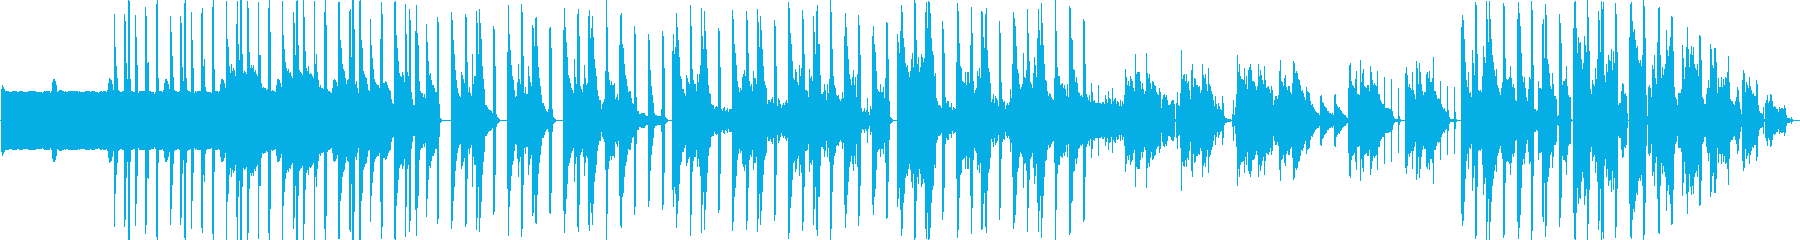 揺れるスローテンポなR&Bの再生済みの波形